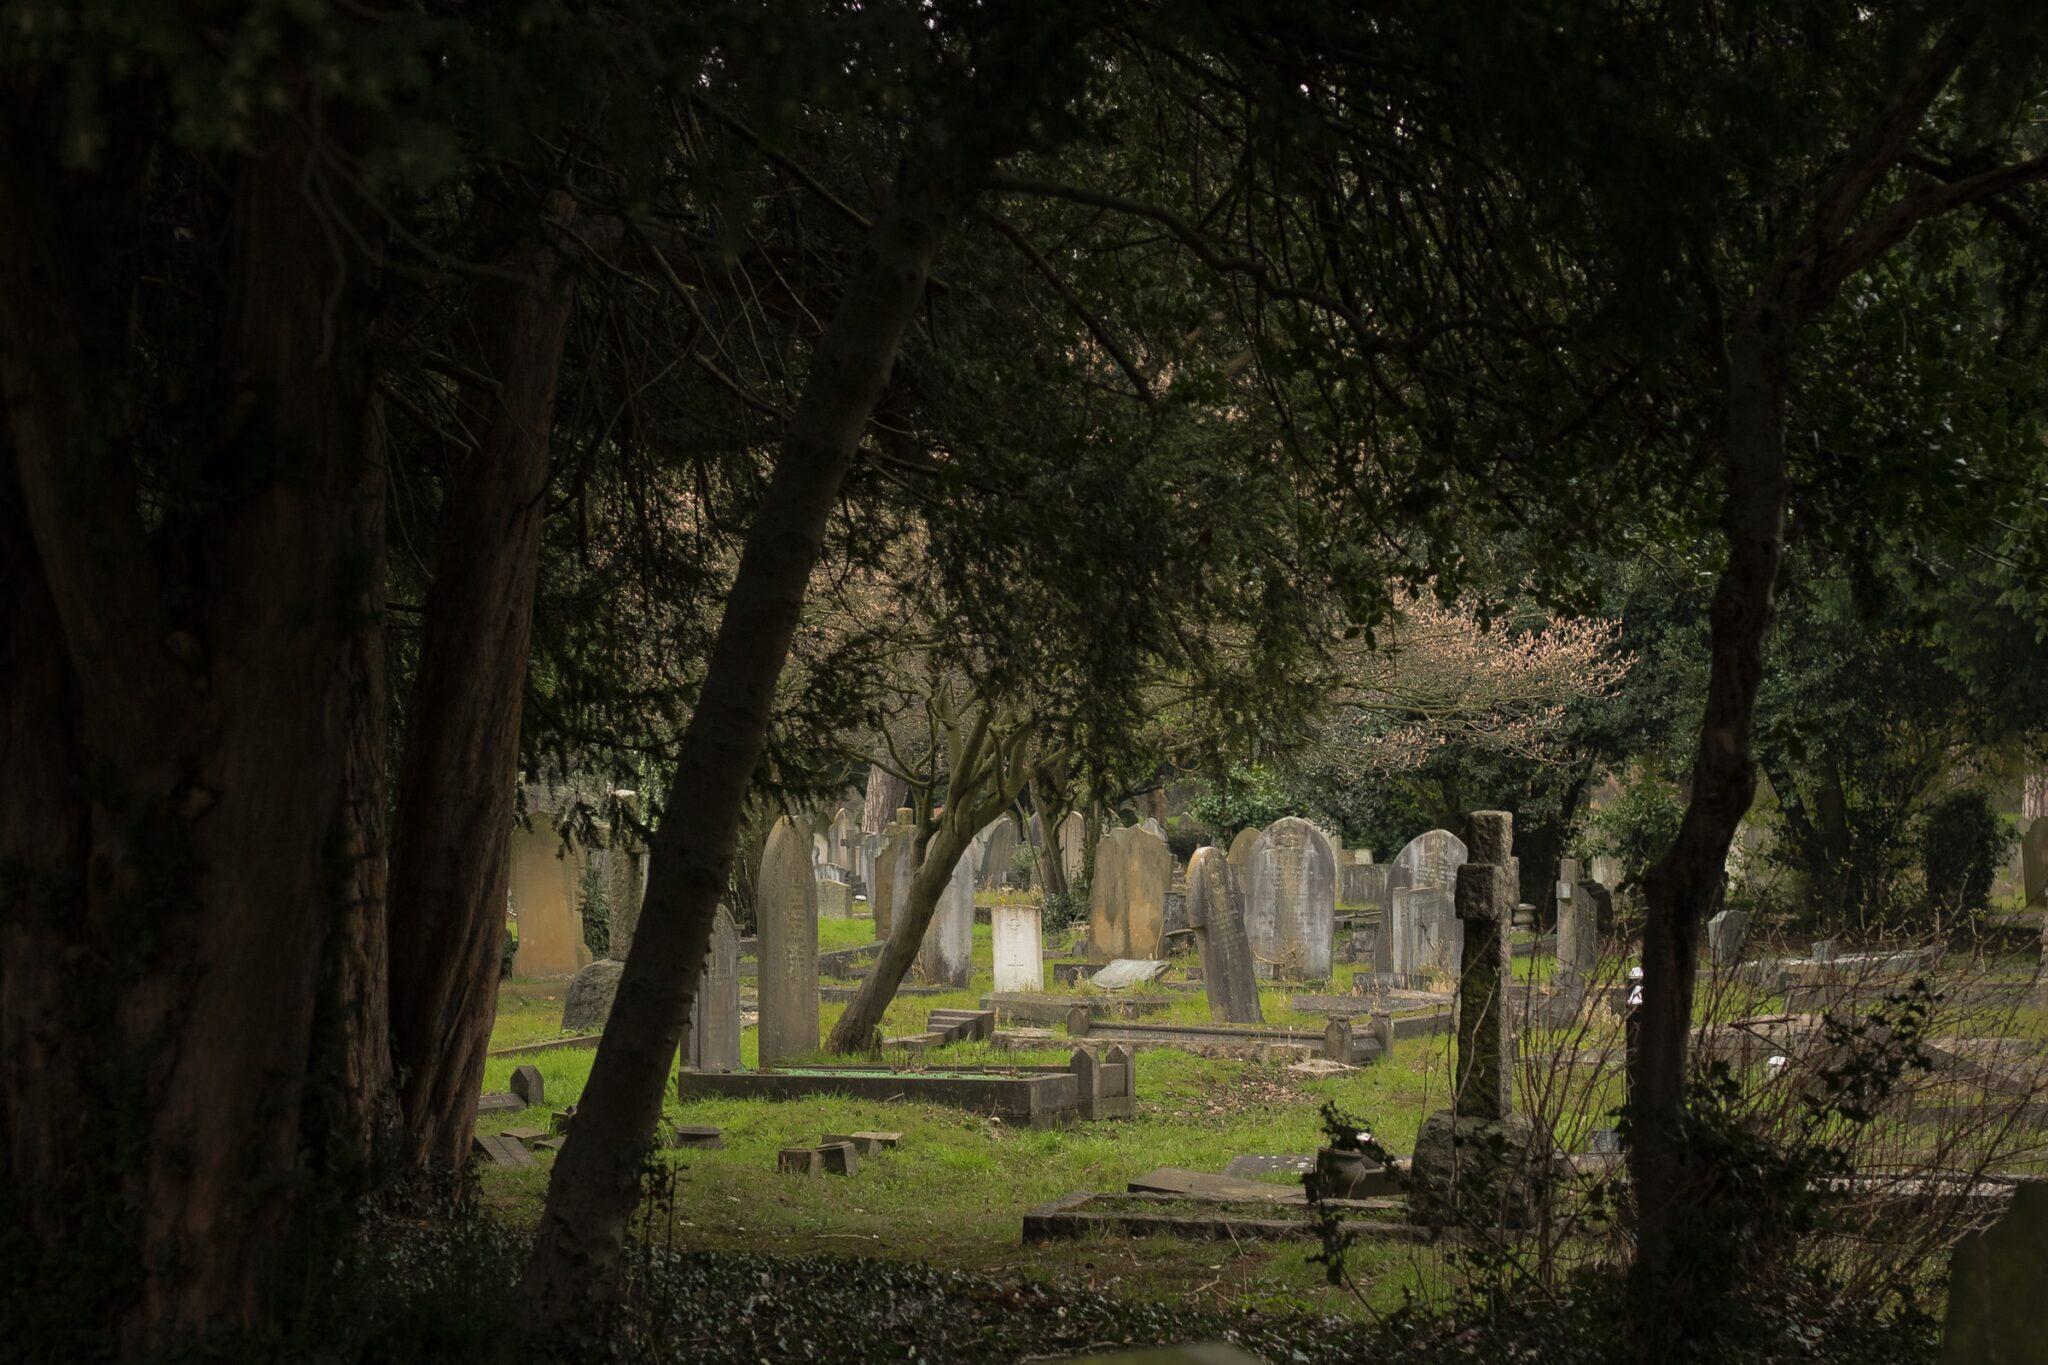 Friedhof in London